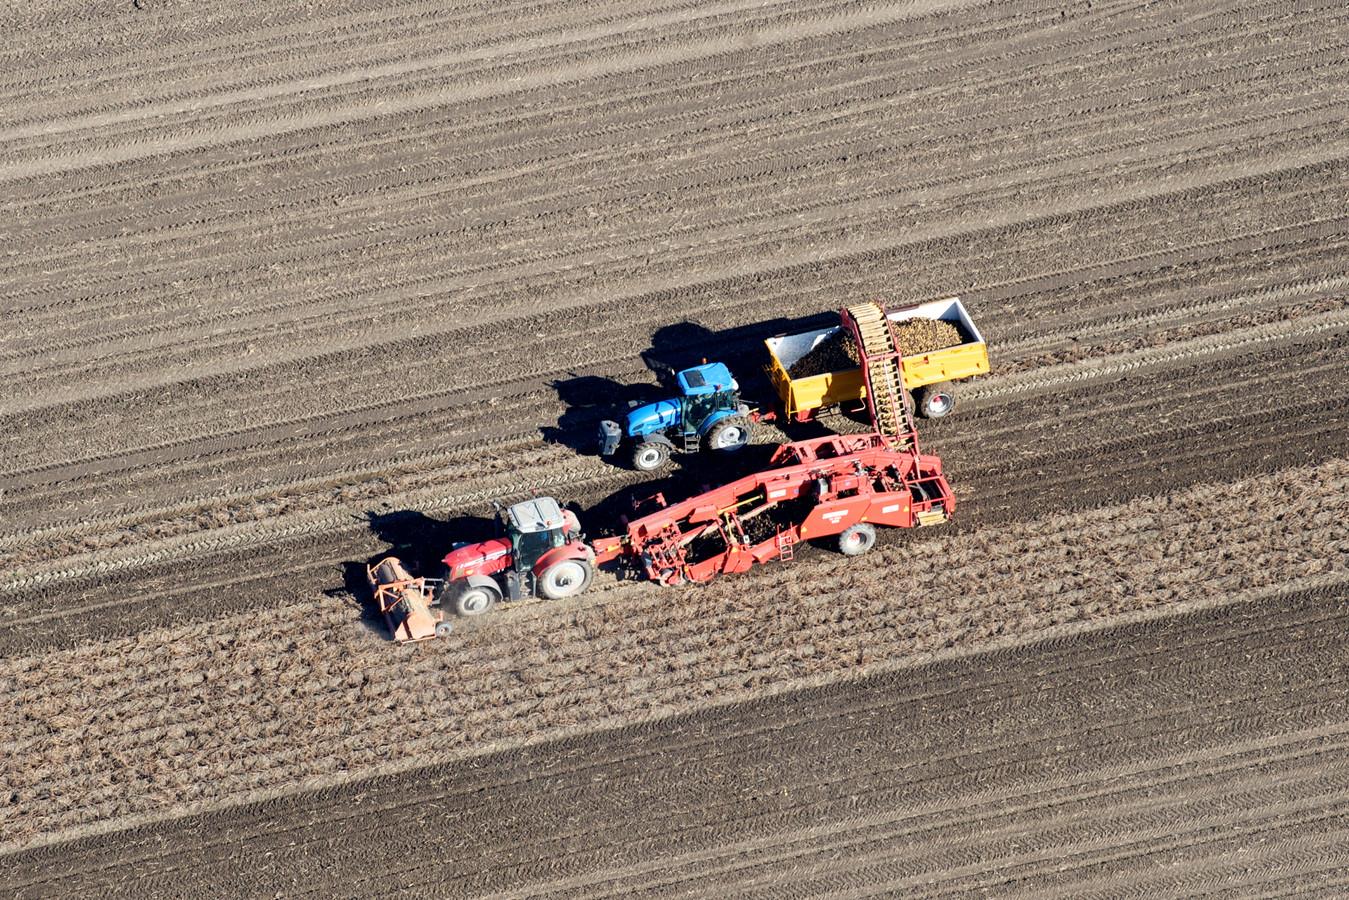 Boeren bezig met het binnenhalen van hun aardappeloogst.